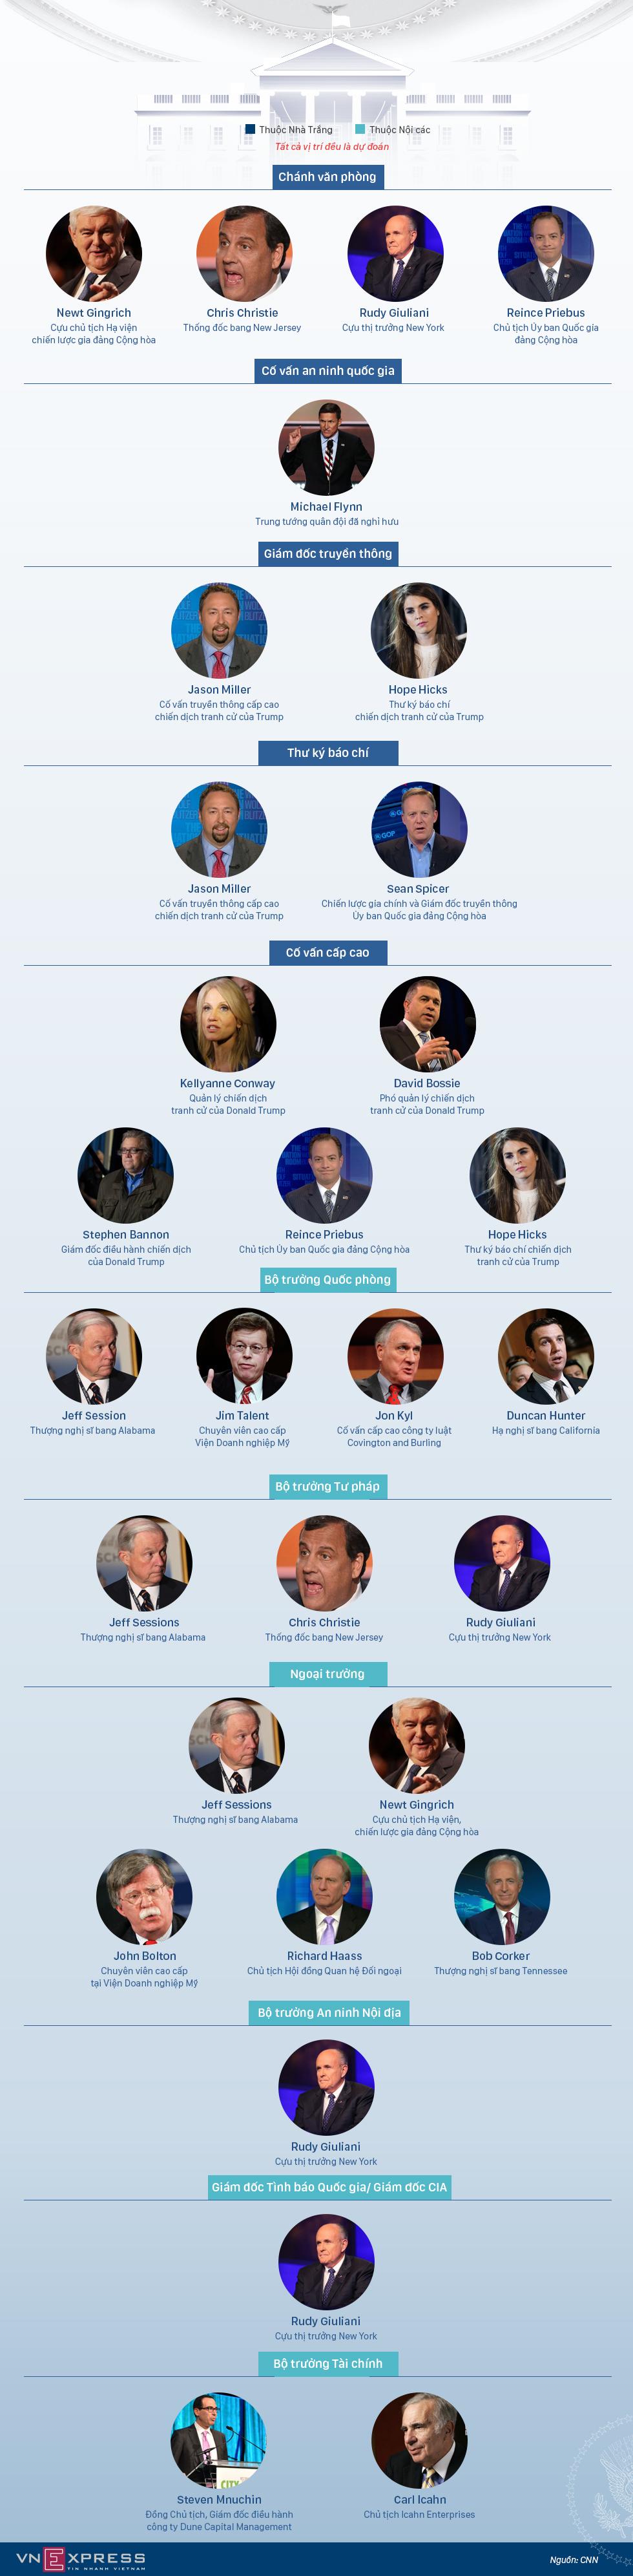 Ai sẽ có mặt trong chính phủ mới của Donald Trump?